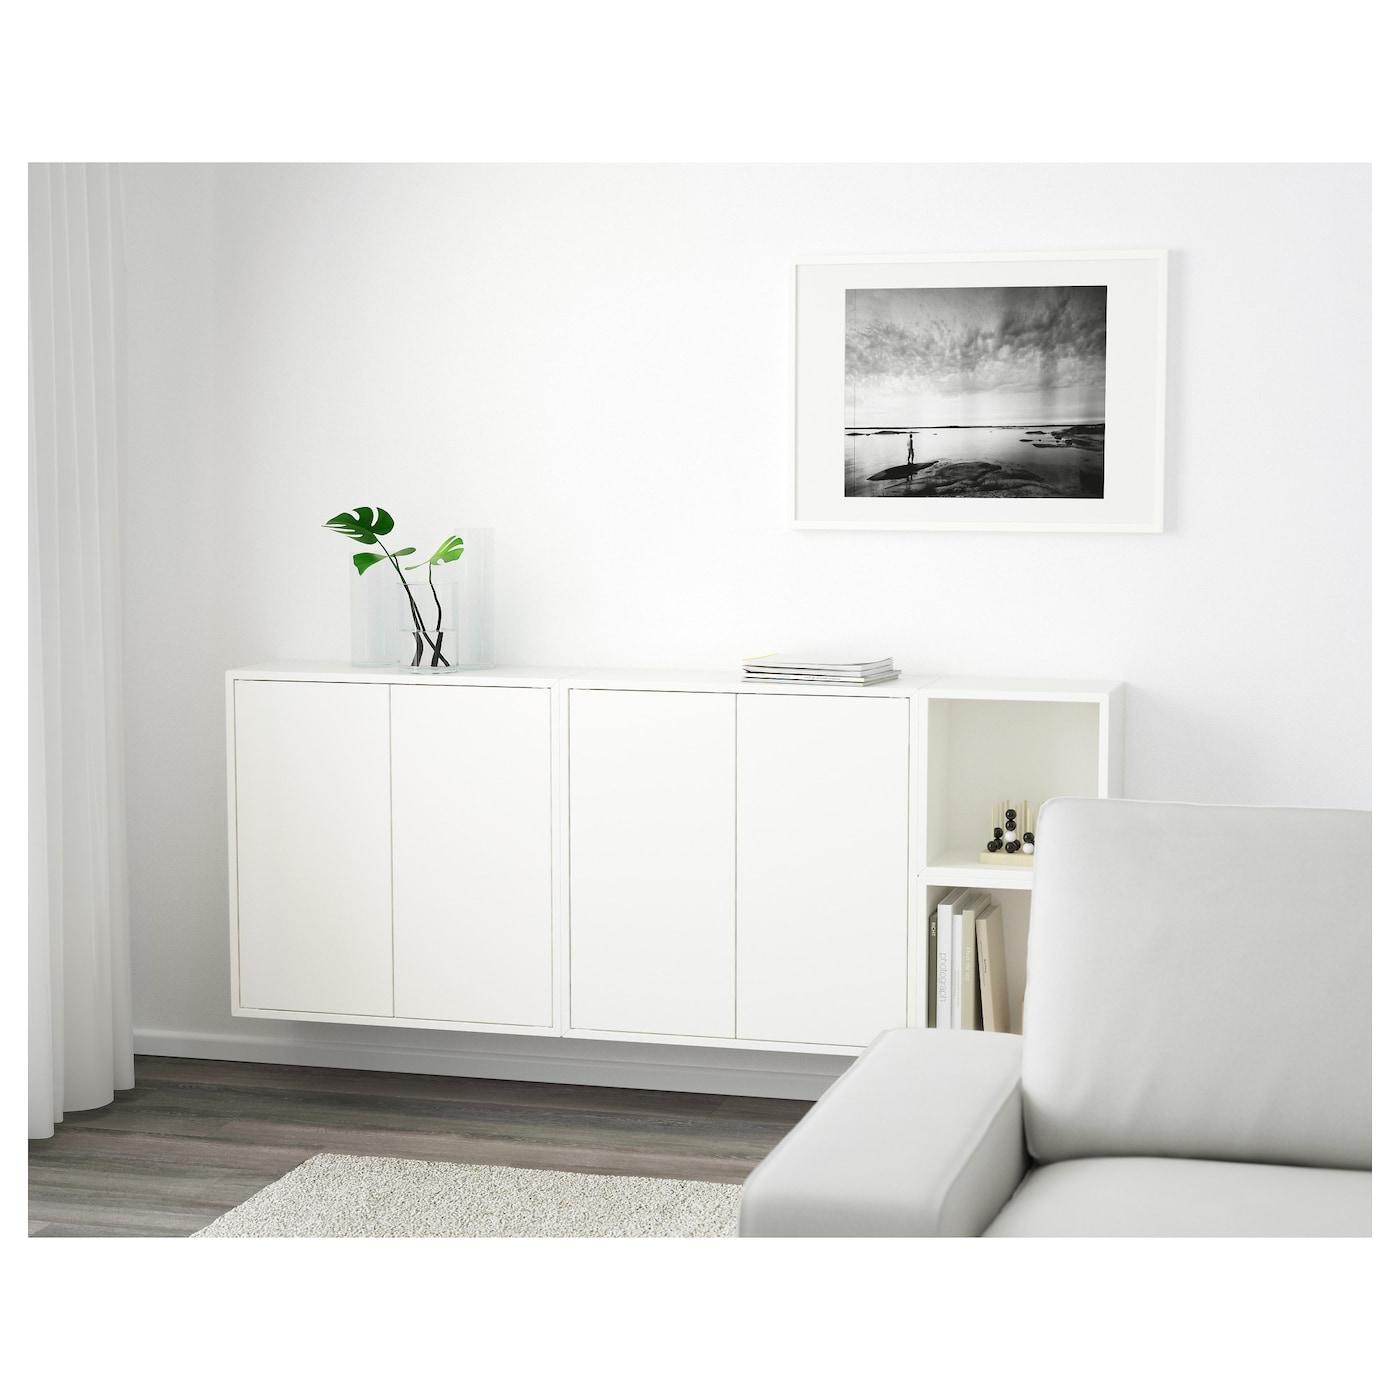 eket kastencombinatie voor wandmontage wit 175 x 25 x 70 cm ikea. Black Bedroom Furniture Sets. Home Design Ideas